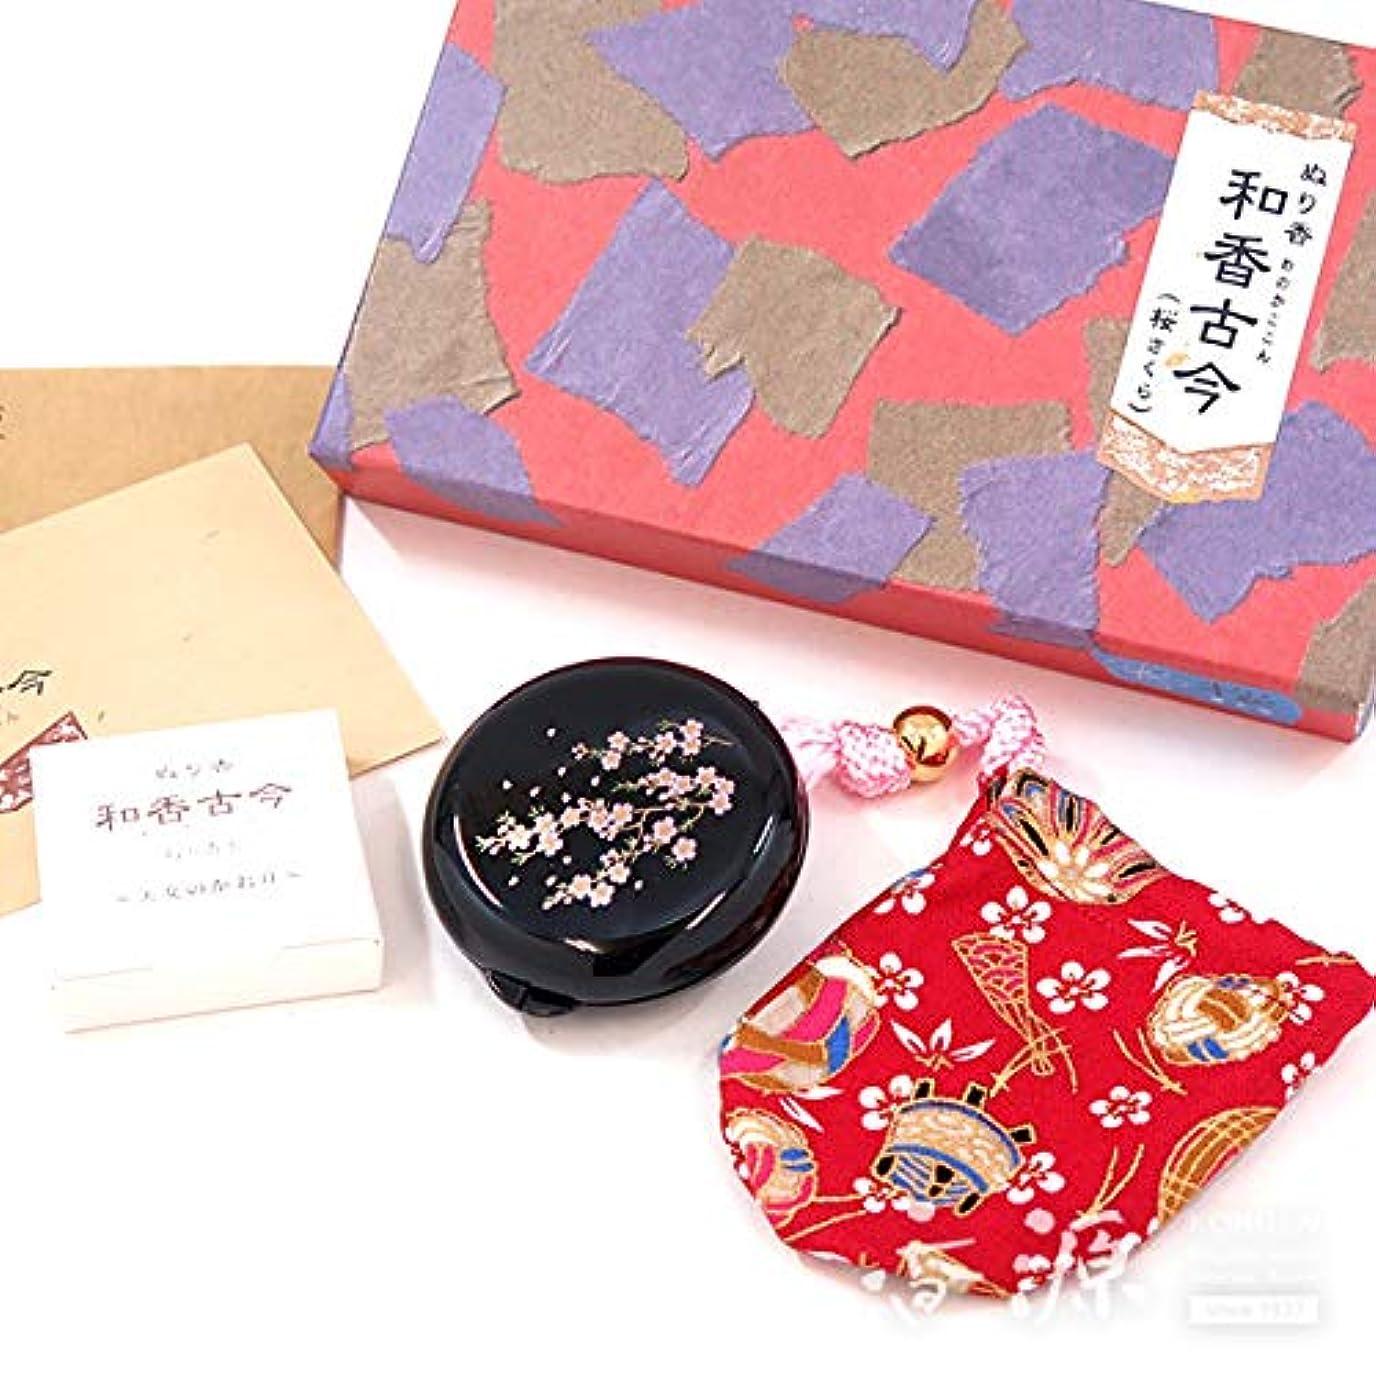 ケーブルカー課税写真の長川仁三郎商店のお香 和香古今(わのかここん)天女の香り 桜(黒のコンパクト)?赤の巾着のセット